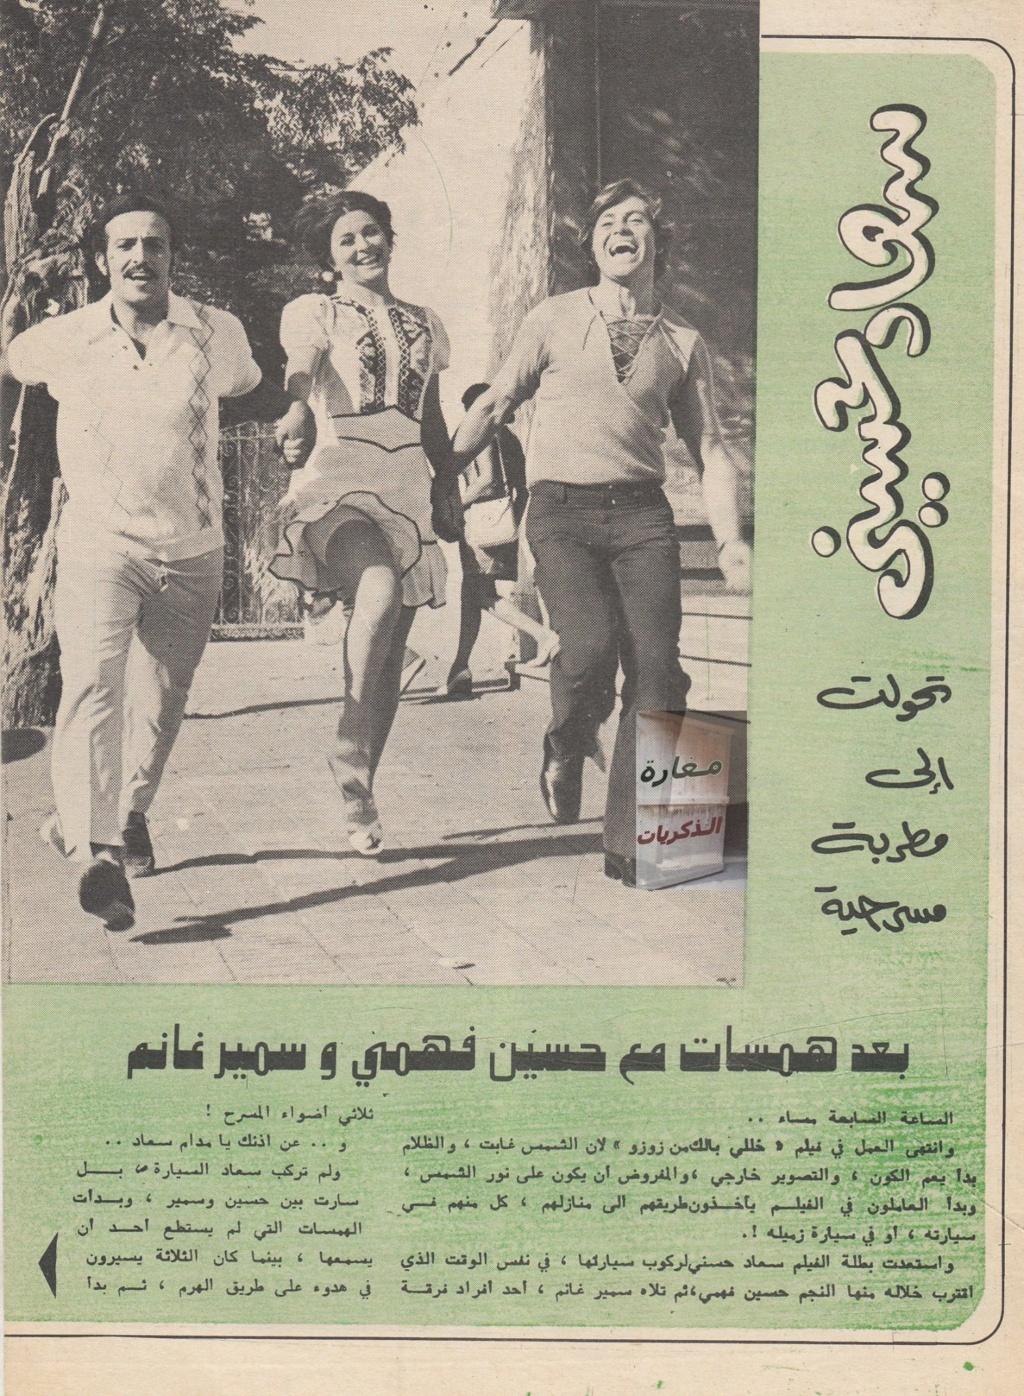 مقال - مقال صحفي : سعاد حسني تحولت إلى مطربة مسرحية 1972 م 1198